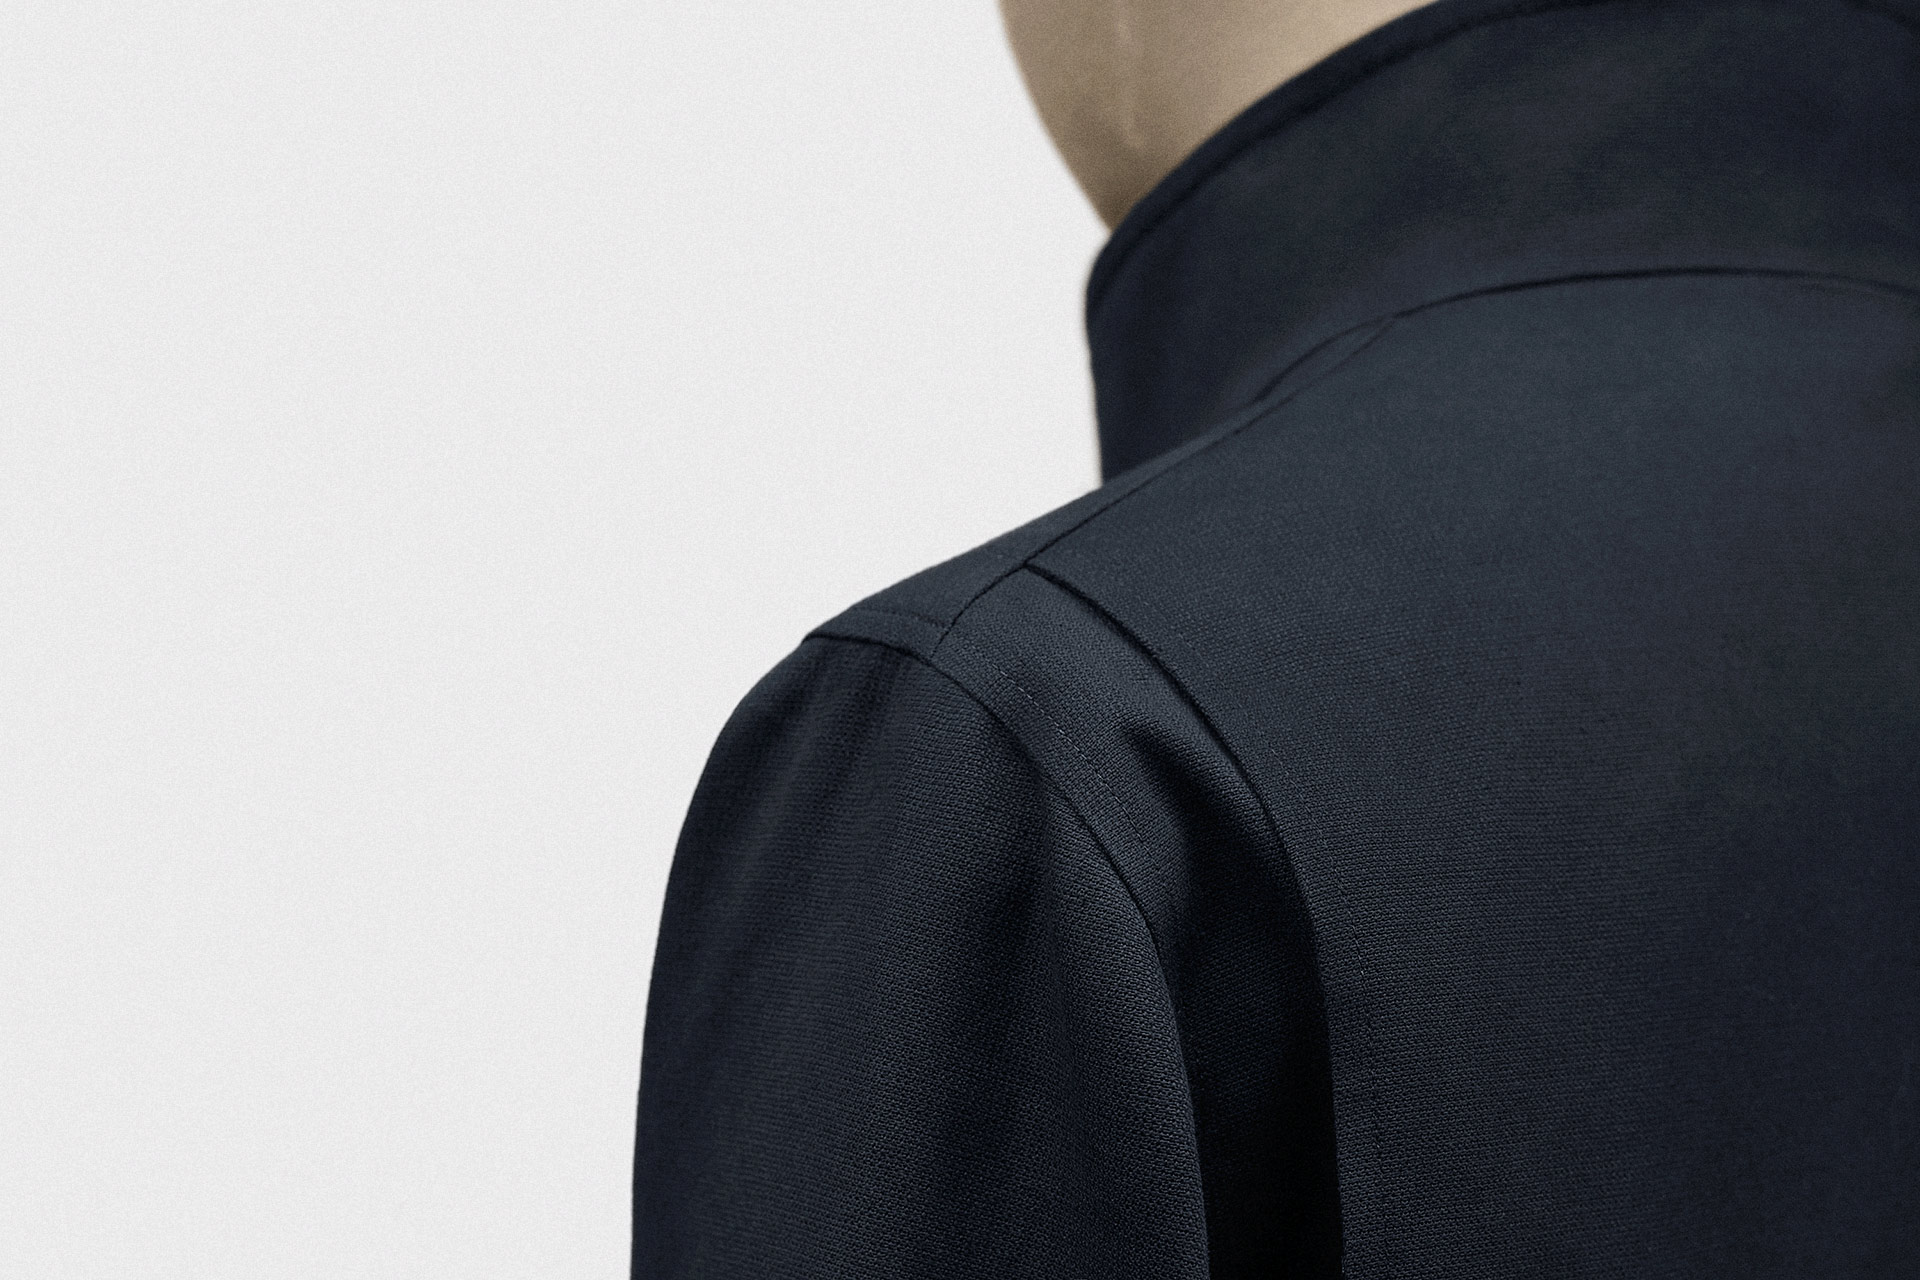 field-jacket-airweave-cotton-navy-6@2x.jpg